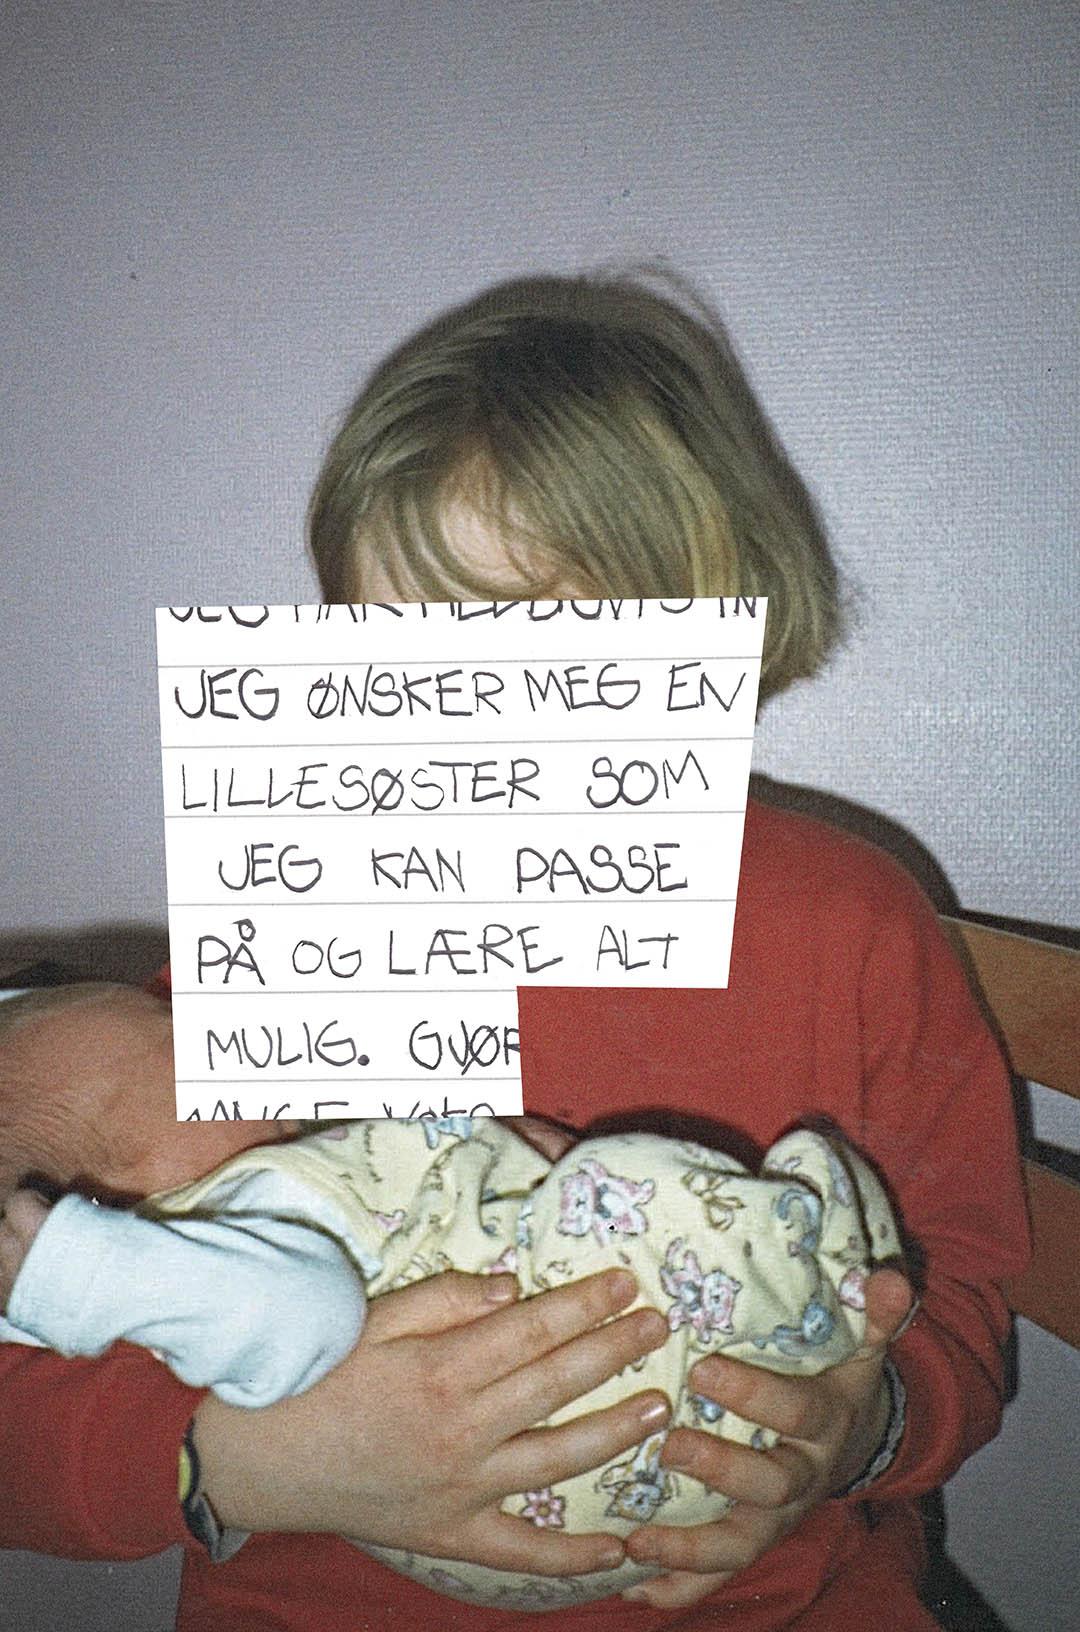 Bilde fra fotoalbum med teksten: Jeg ønsker meg en lillesøster som jeg kan passe på og lære alt mulig.